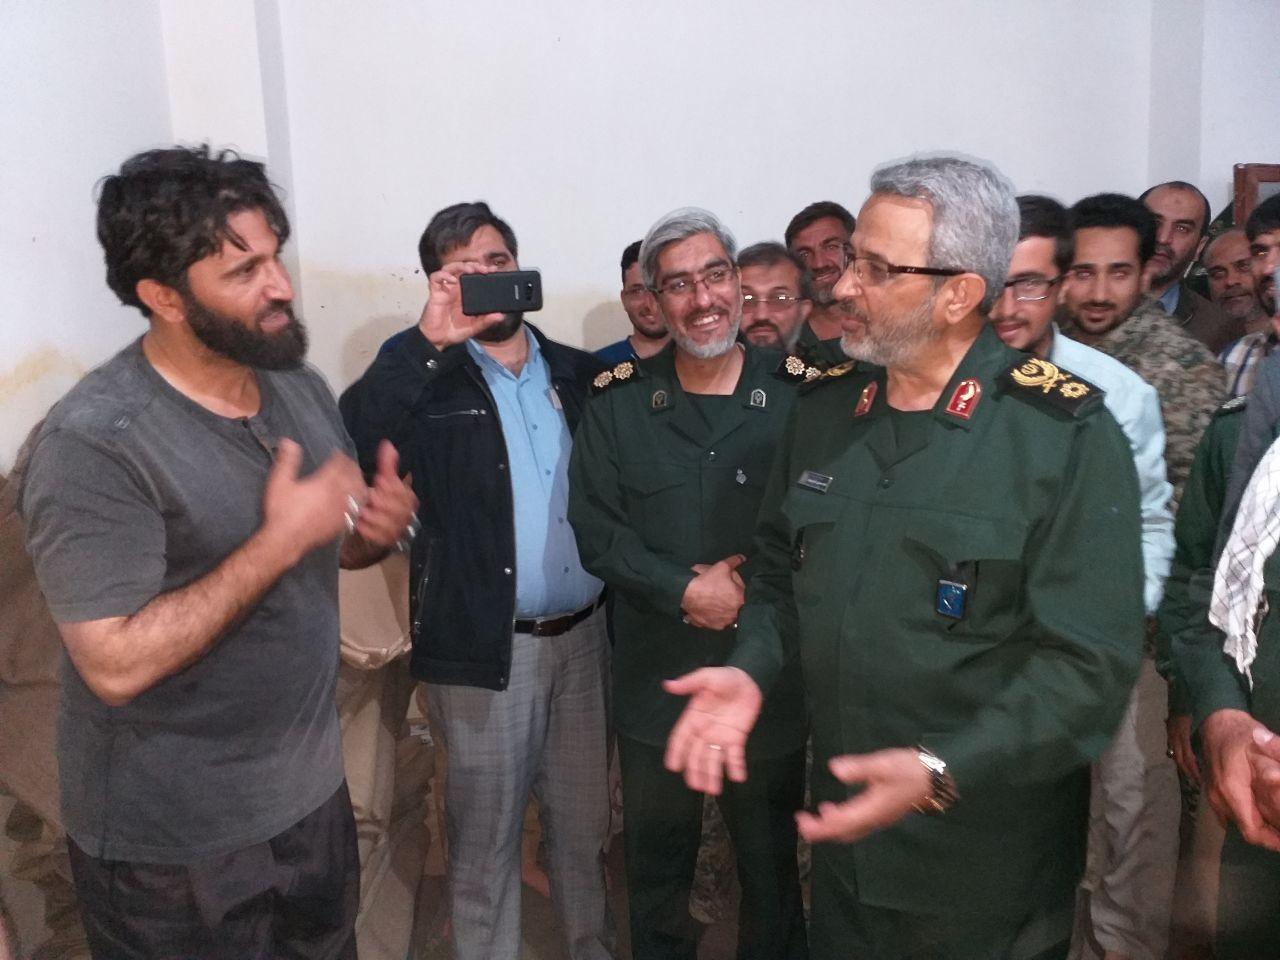 آخرین اخبار از مناطق سیل زده پنجشنبه پنجم اردیبهشت/پرداخت اجاره اسکان موقت یکساله سیل زدگان لرستان